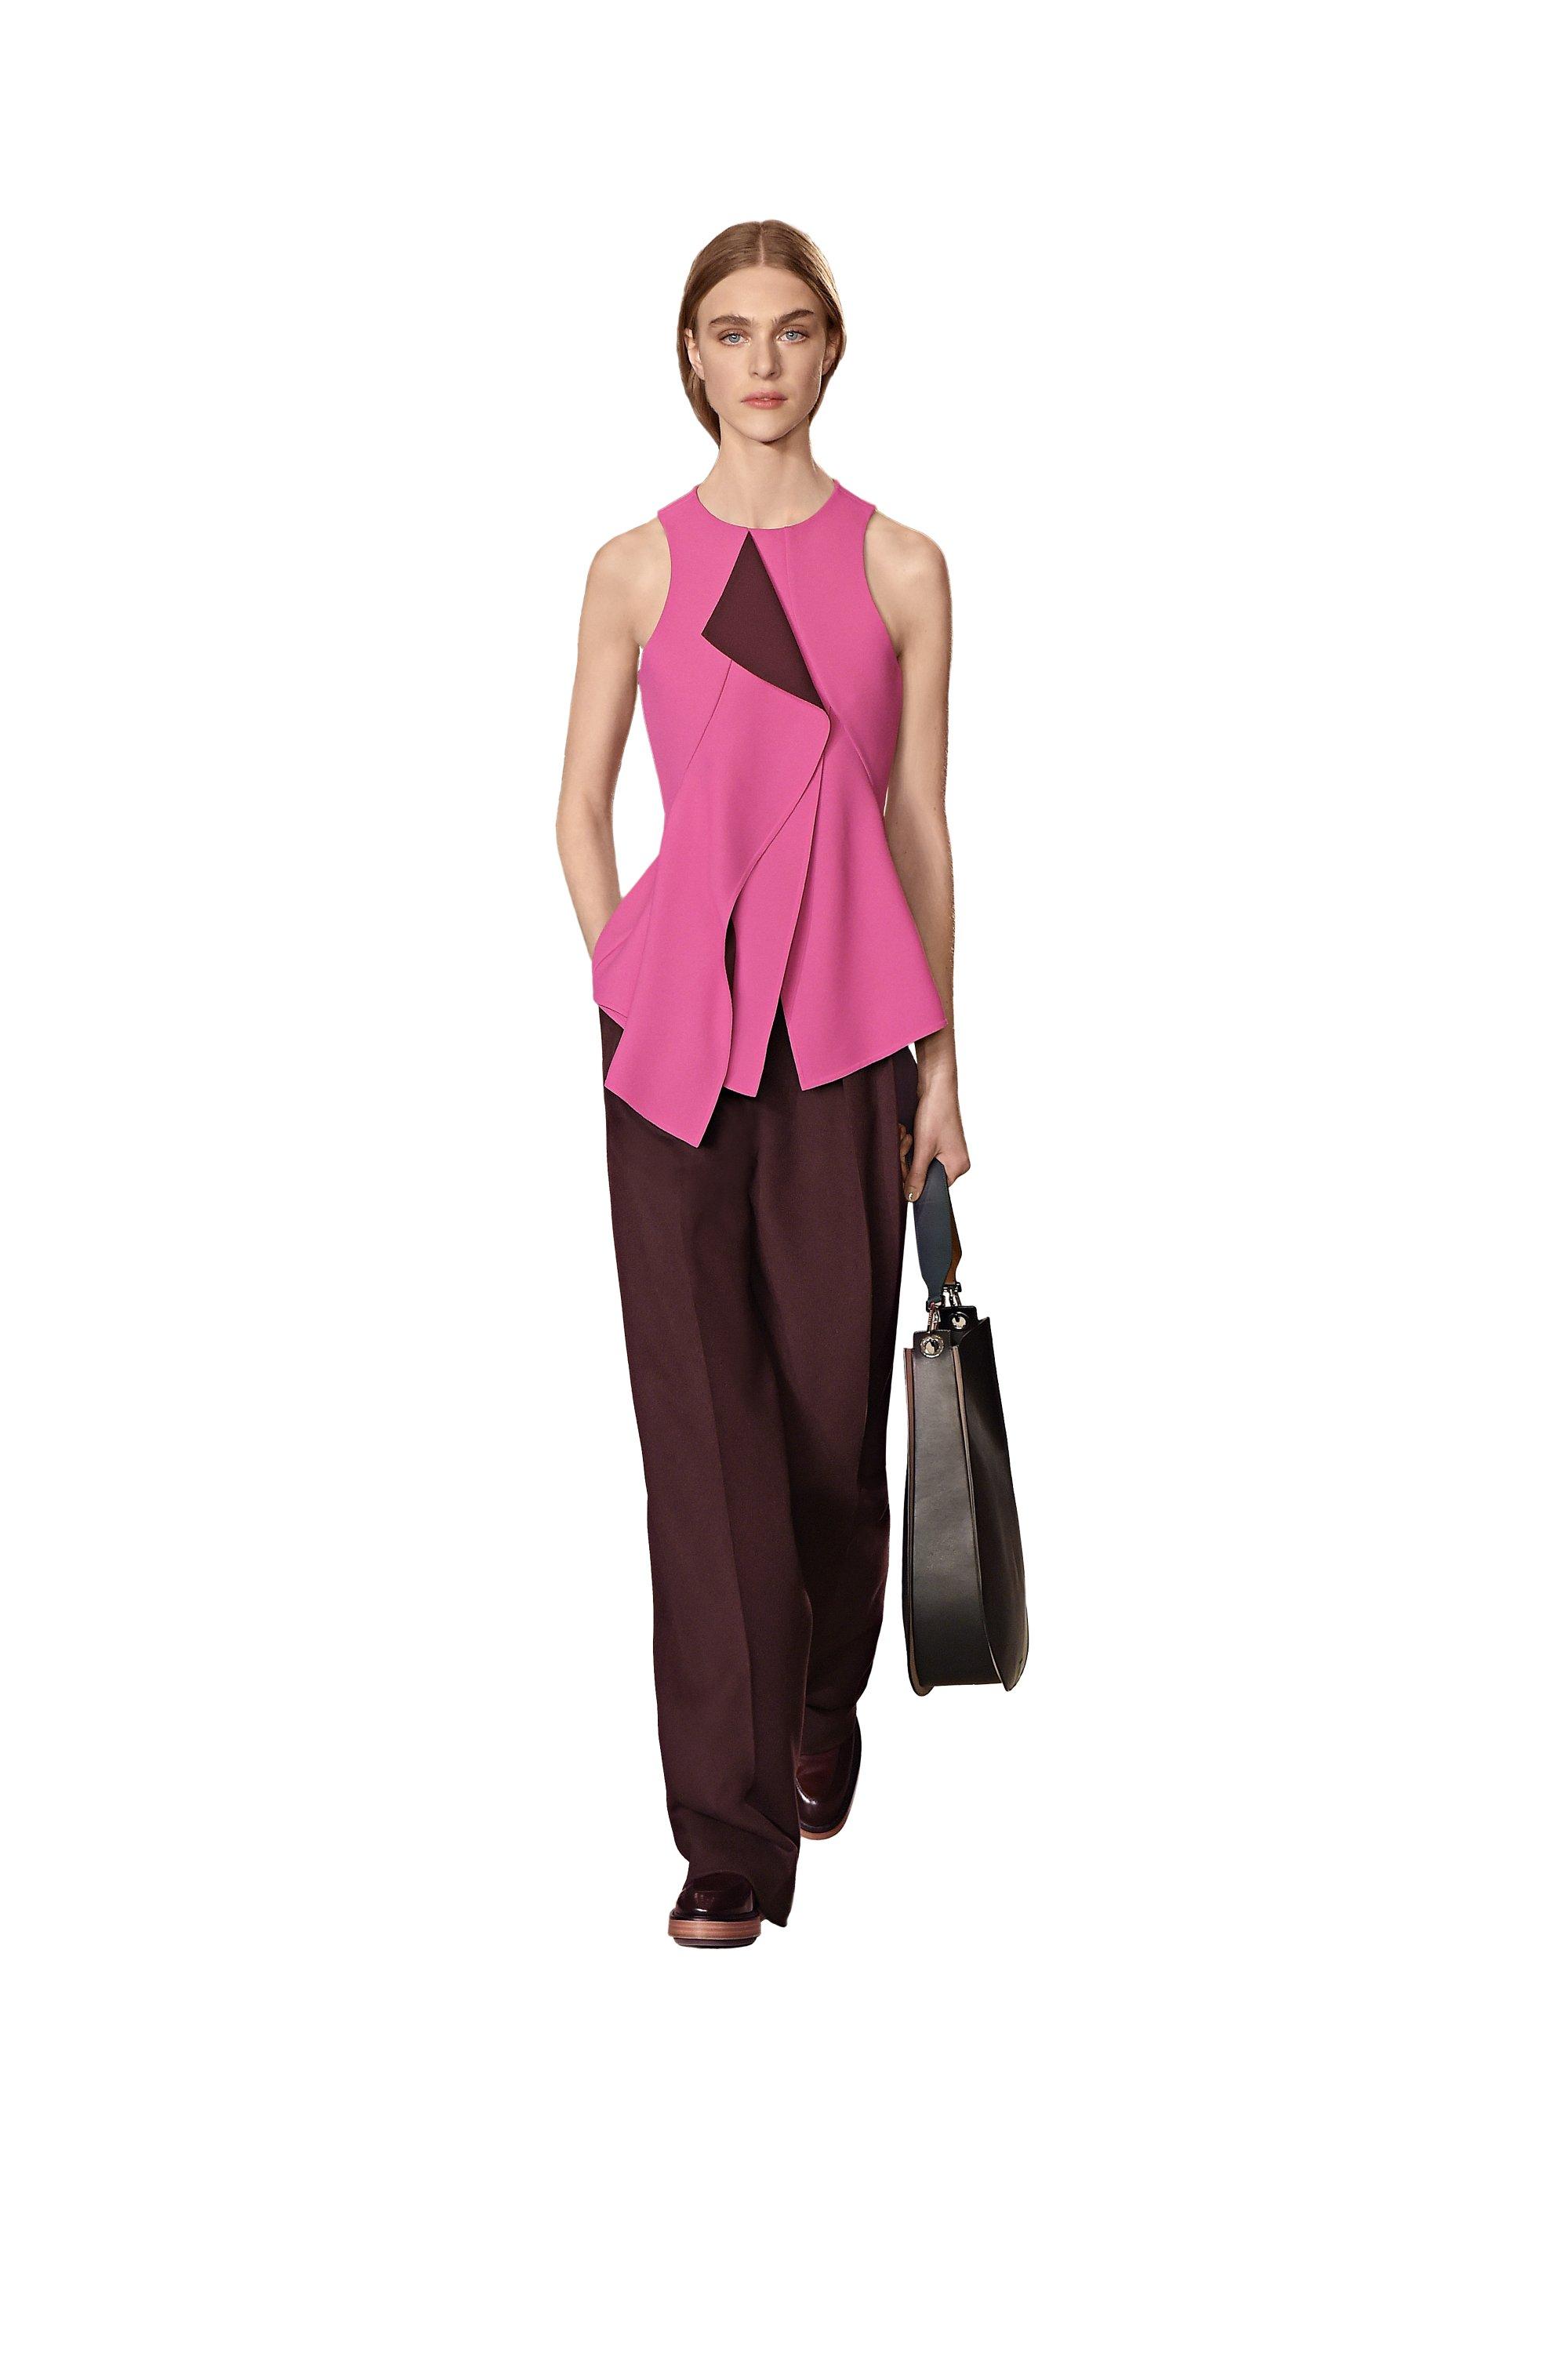 Haut rose, pantalon bordeaux, mocassins noirs et sac à main BOSS